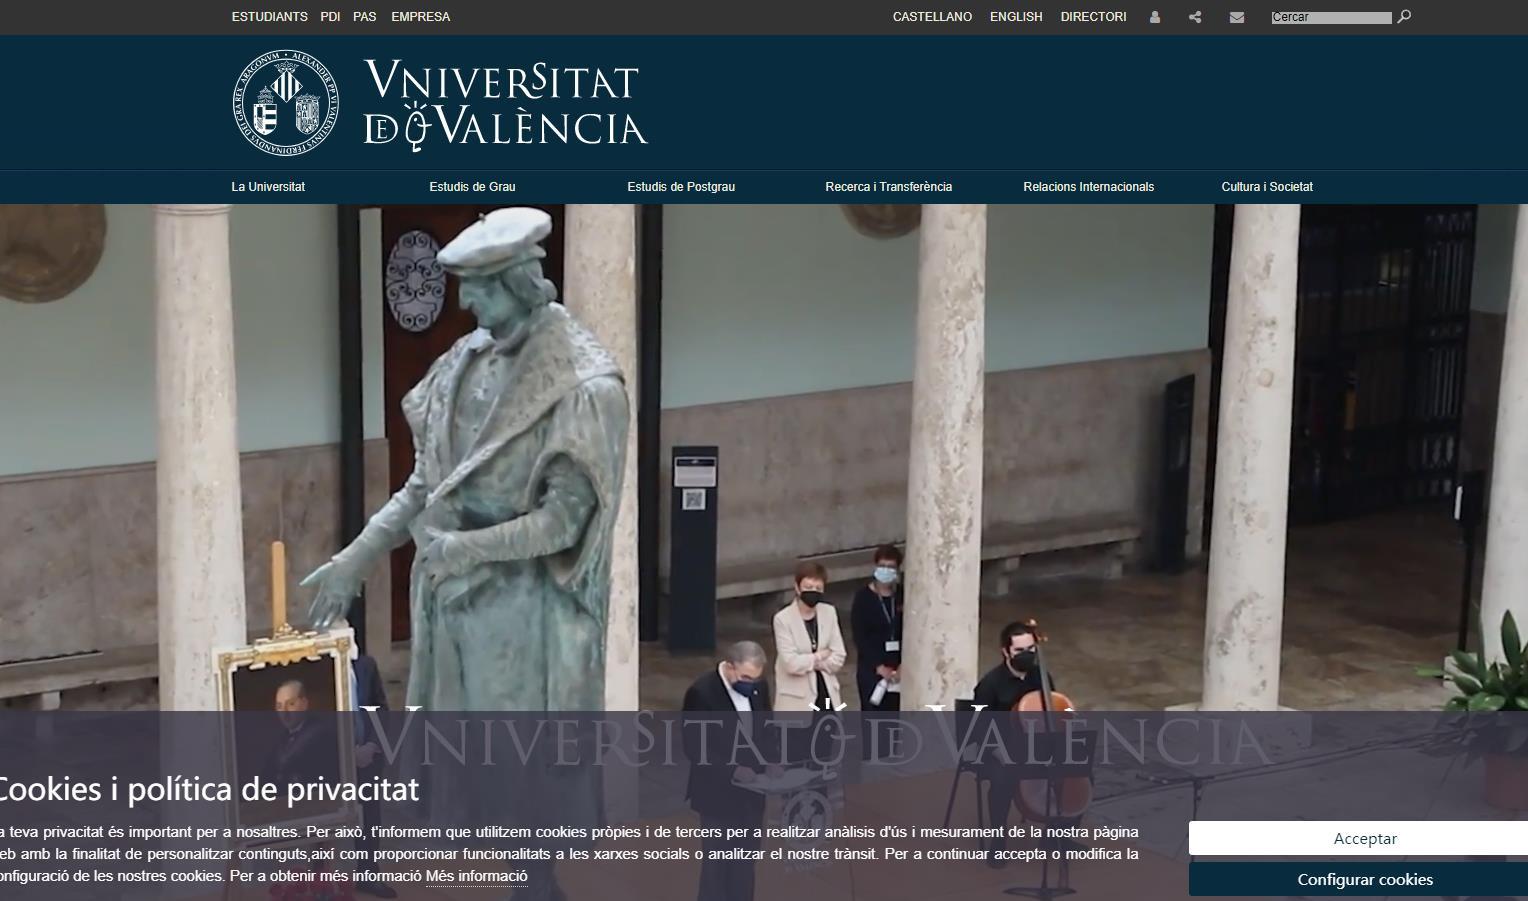 巴伦西亚大学(València)官网 西班公立大学